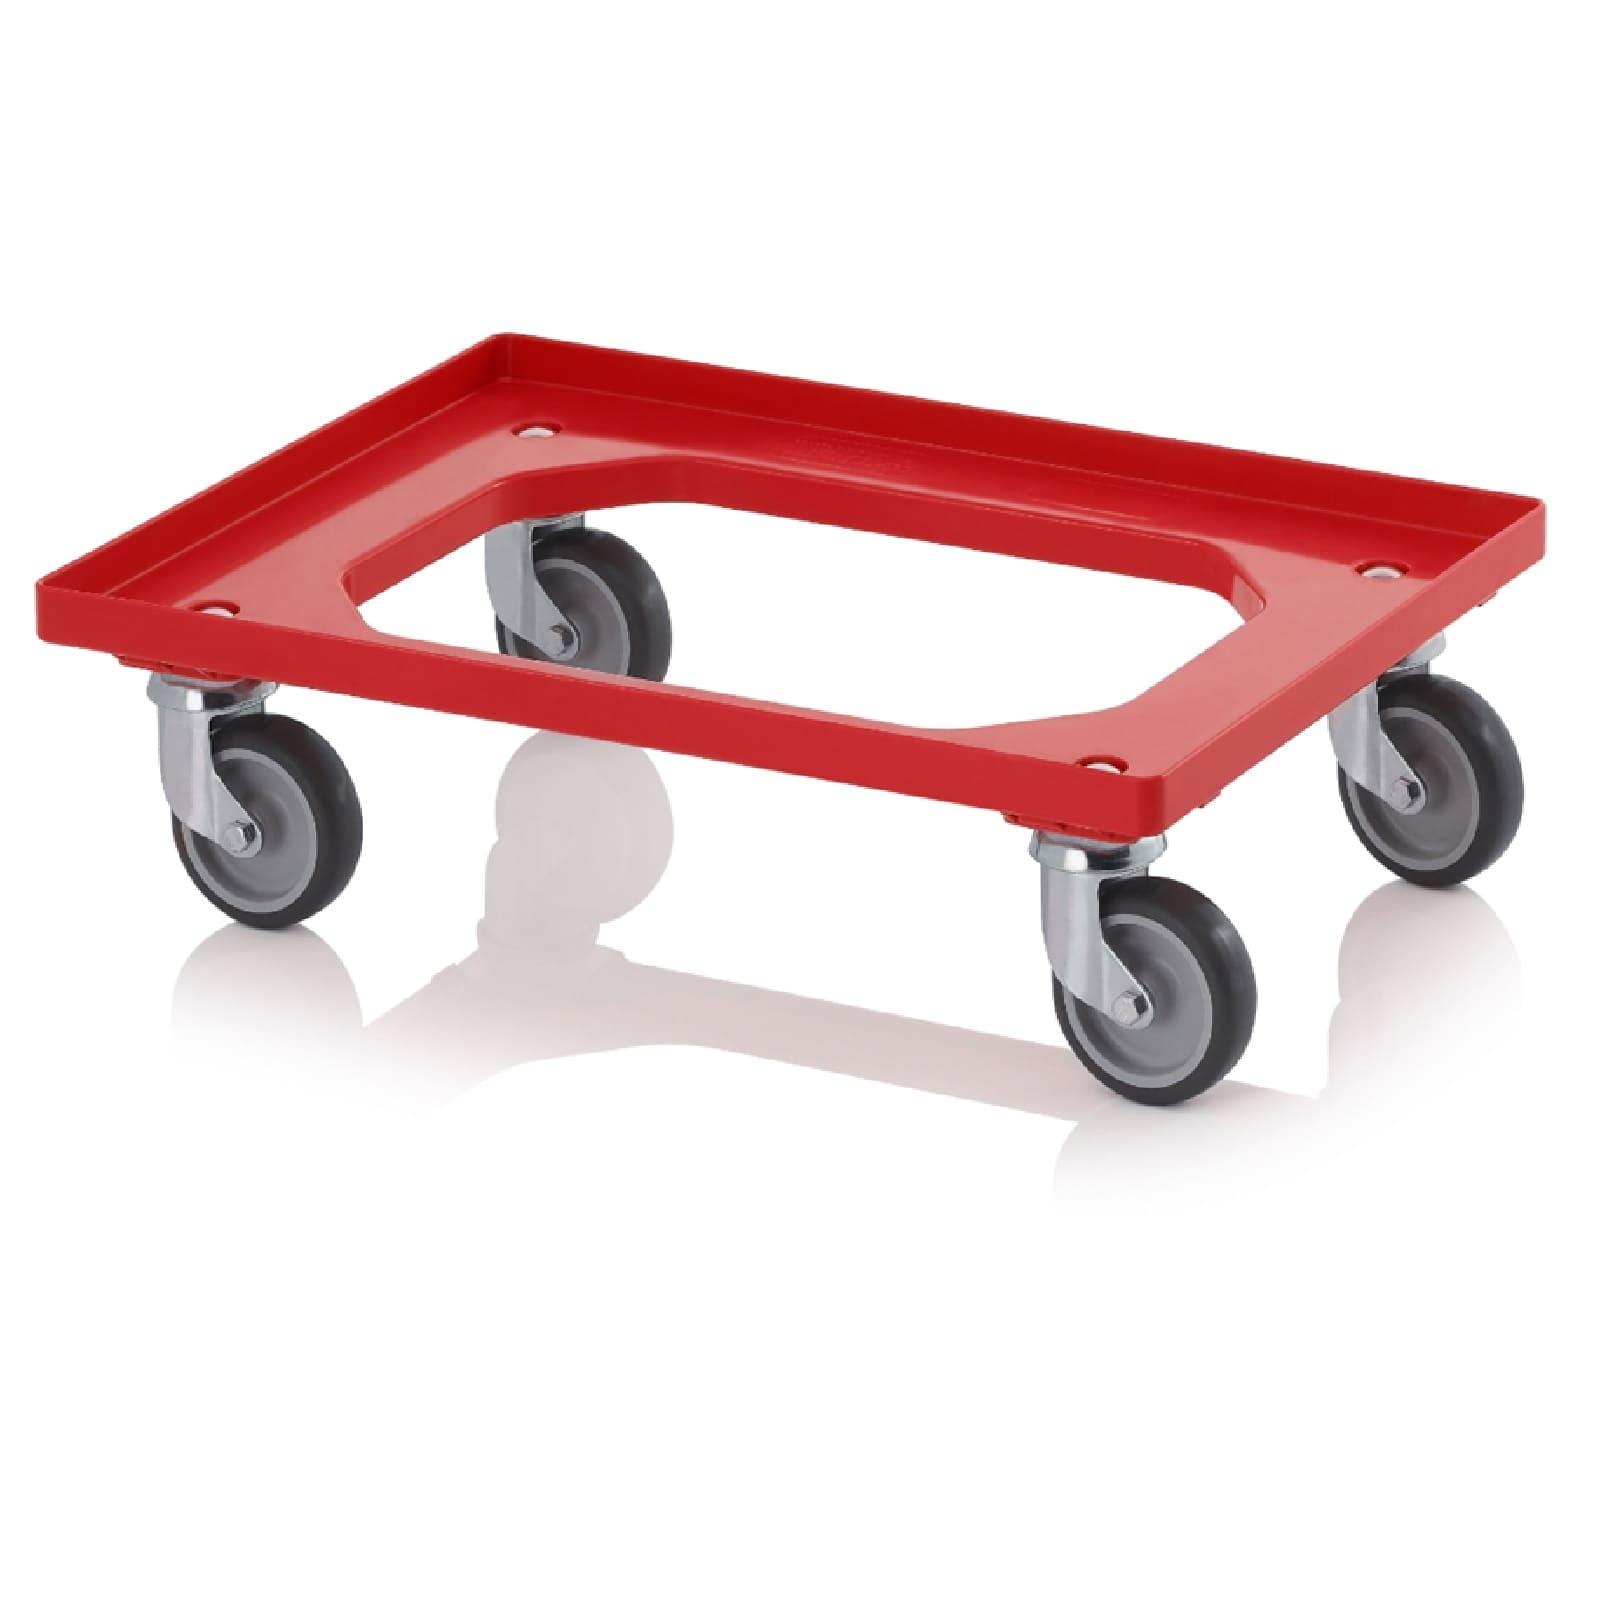 Carrello per contenitori in plastica con 4 ruote girevoli for Contenitori in pvc per esterni